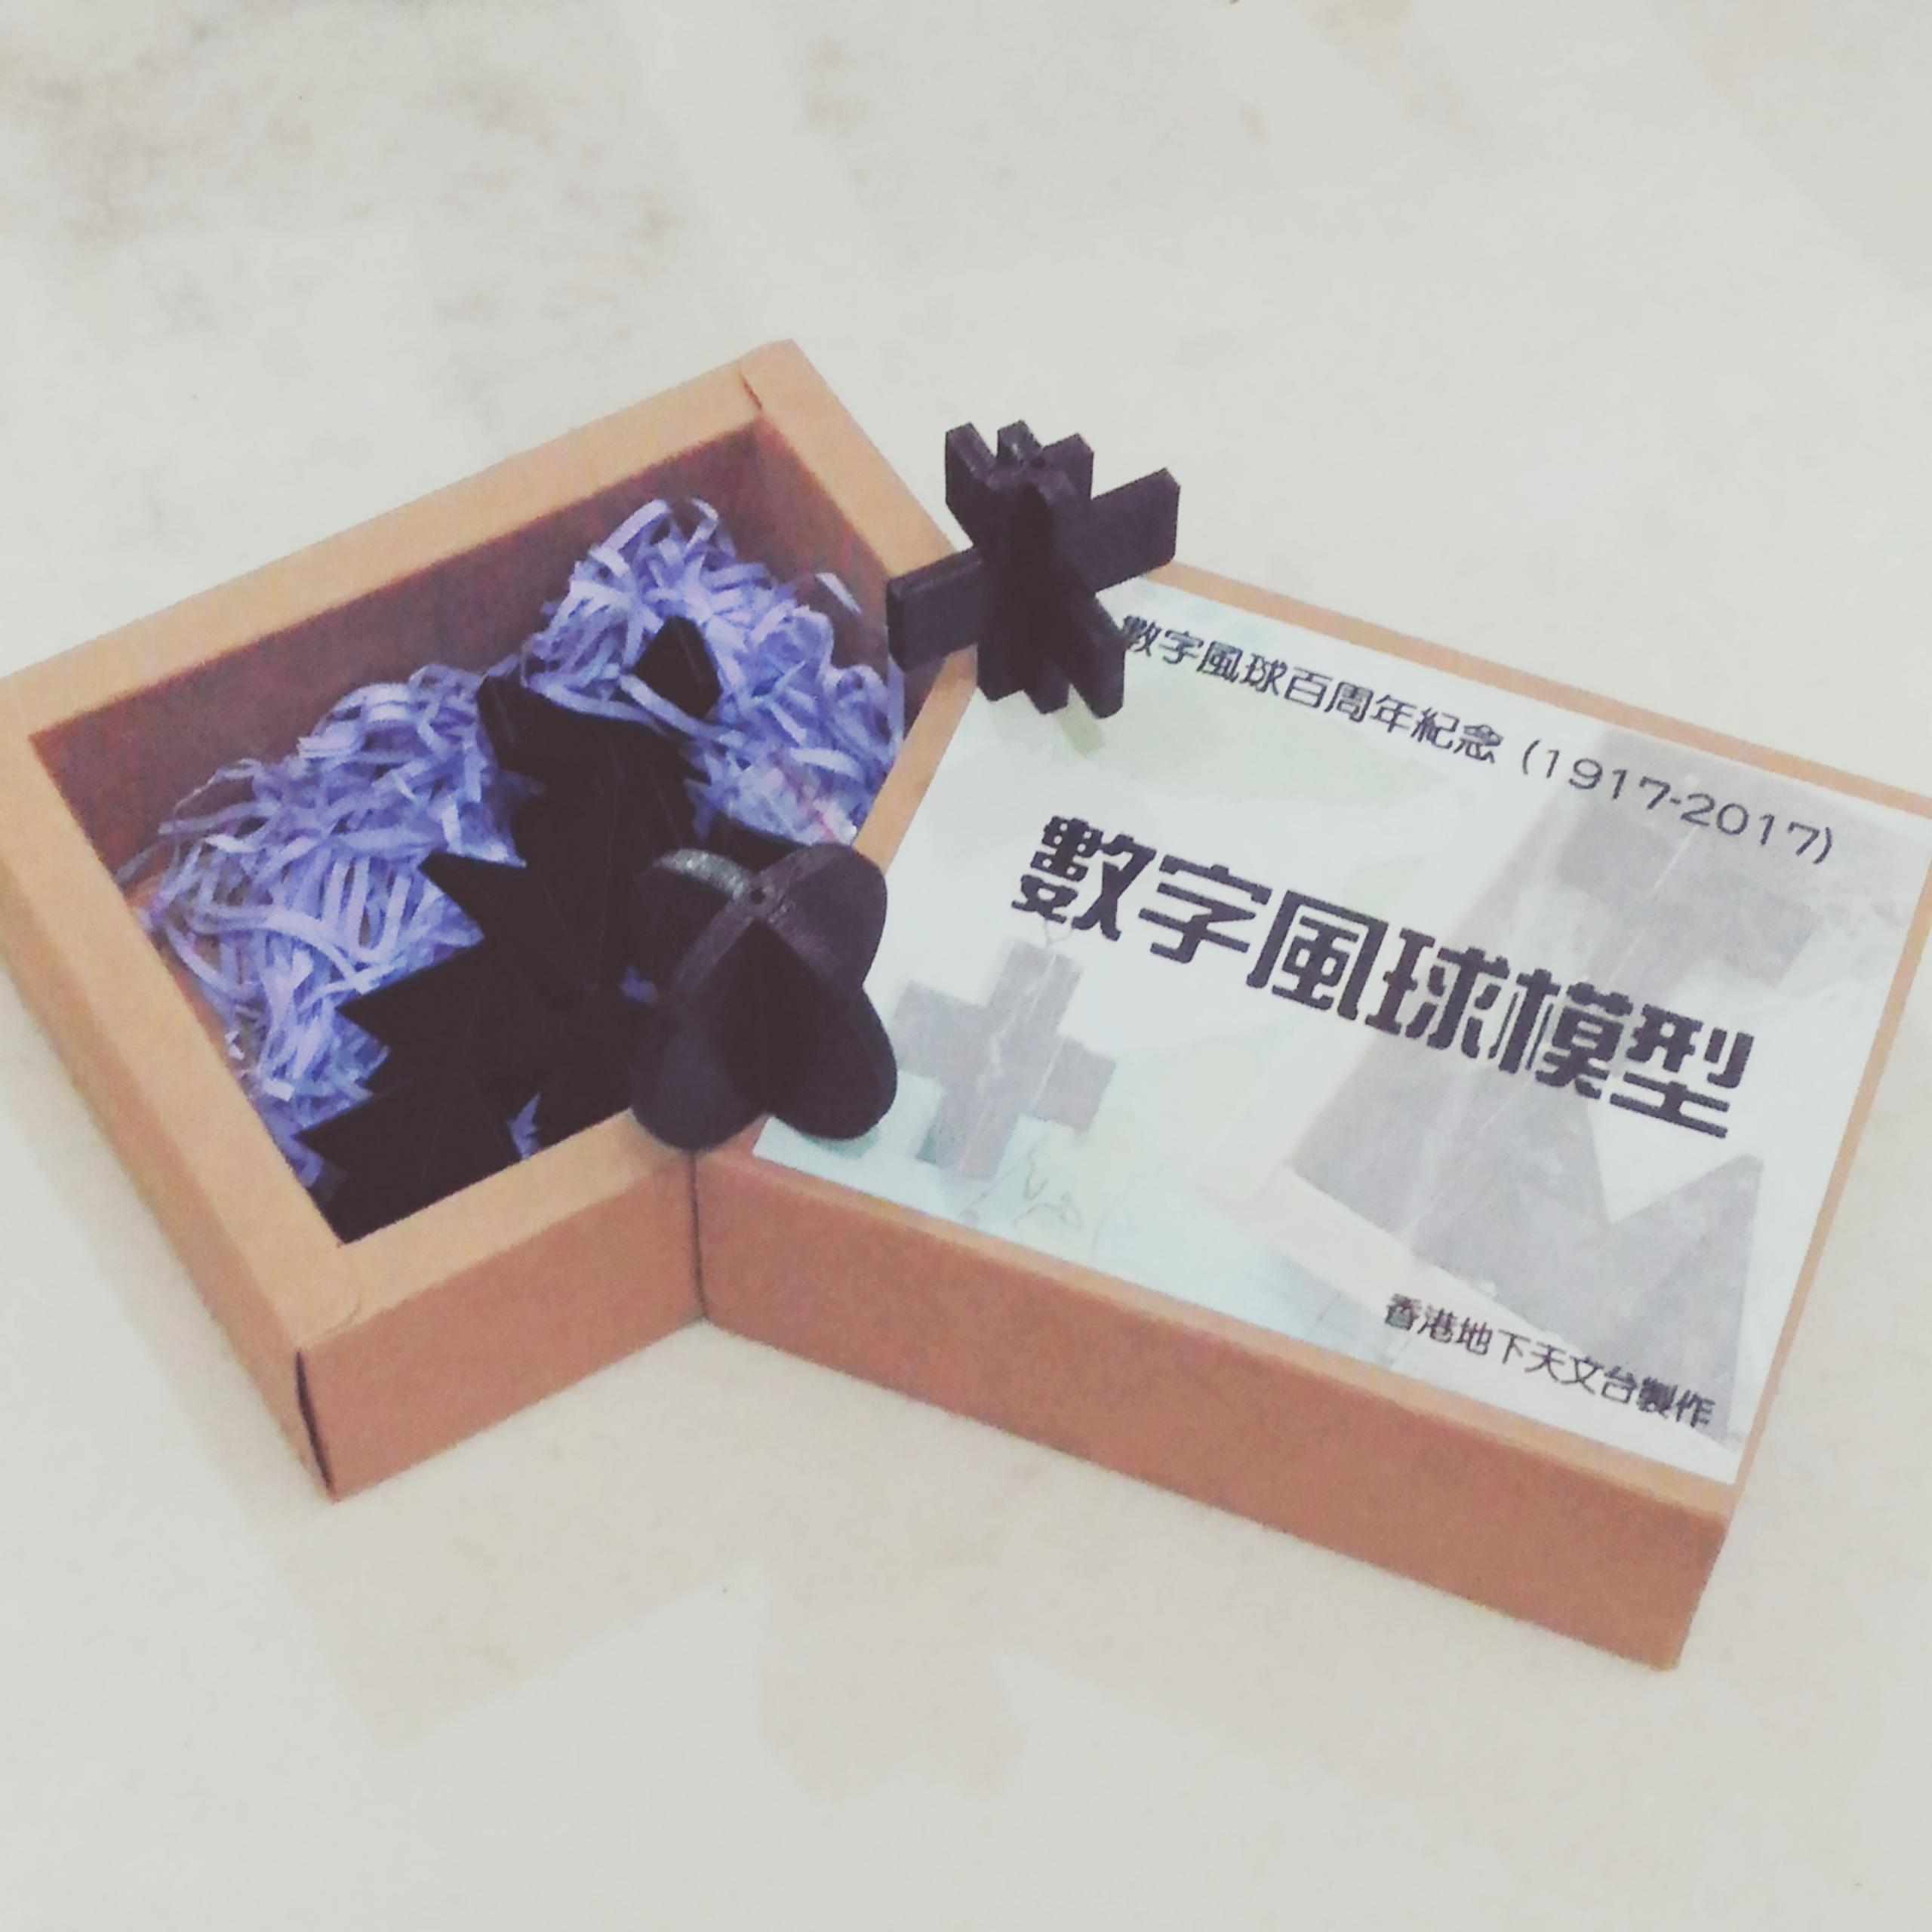 【小小開箱文】香港數字颱風信號百周年紀念:香港數字颱風信號模型(香港地下天文台製作)